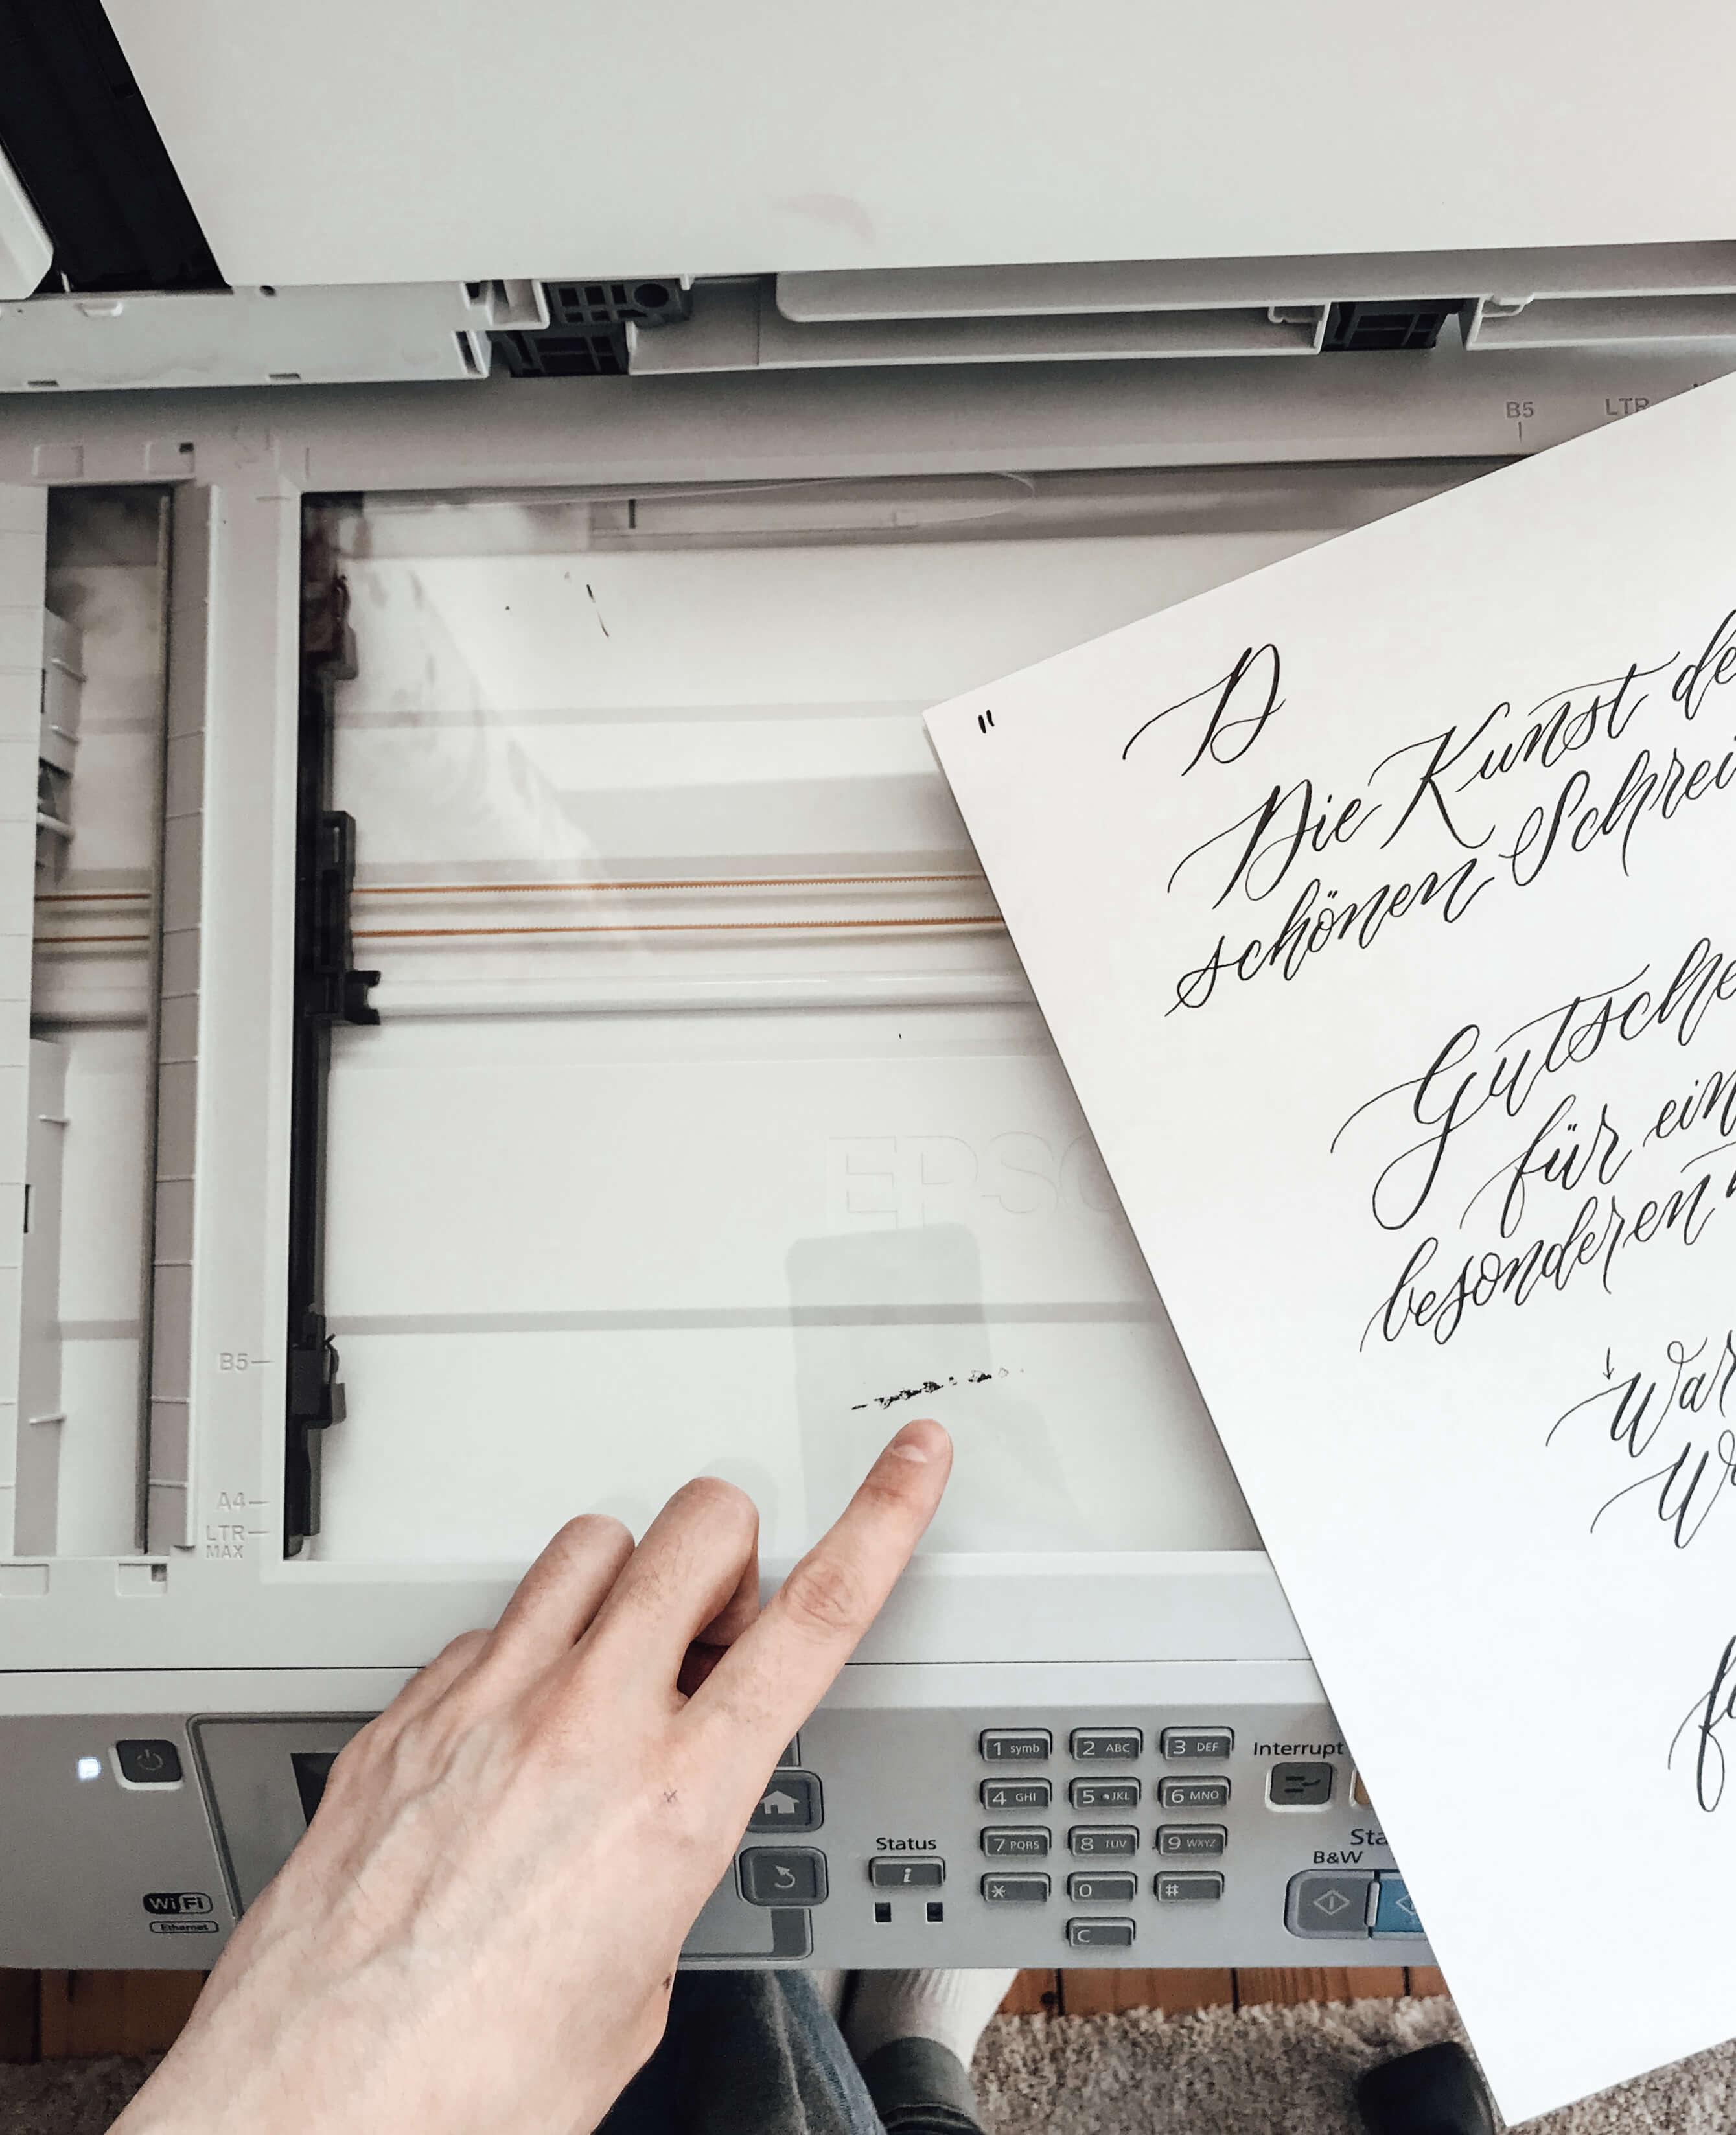 Scanner Photoshop Schrift digitalisieren Kalligrafie Kalligraphie Hand Lettering Handschrift Retusche freistellen